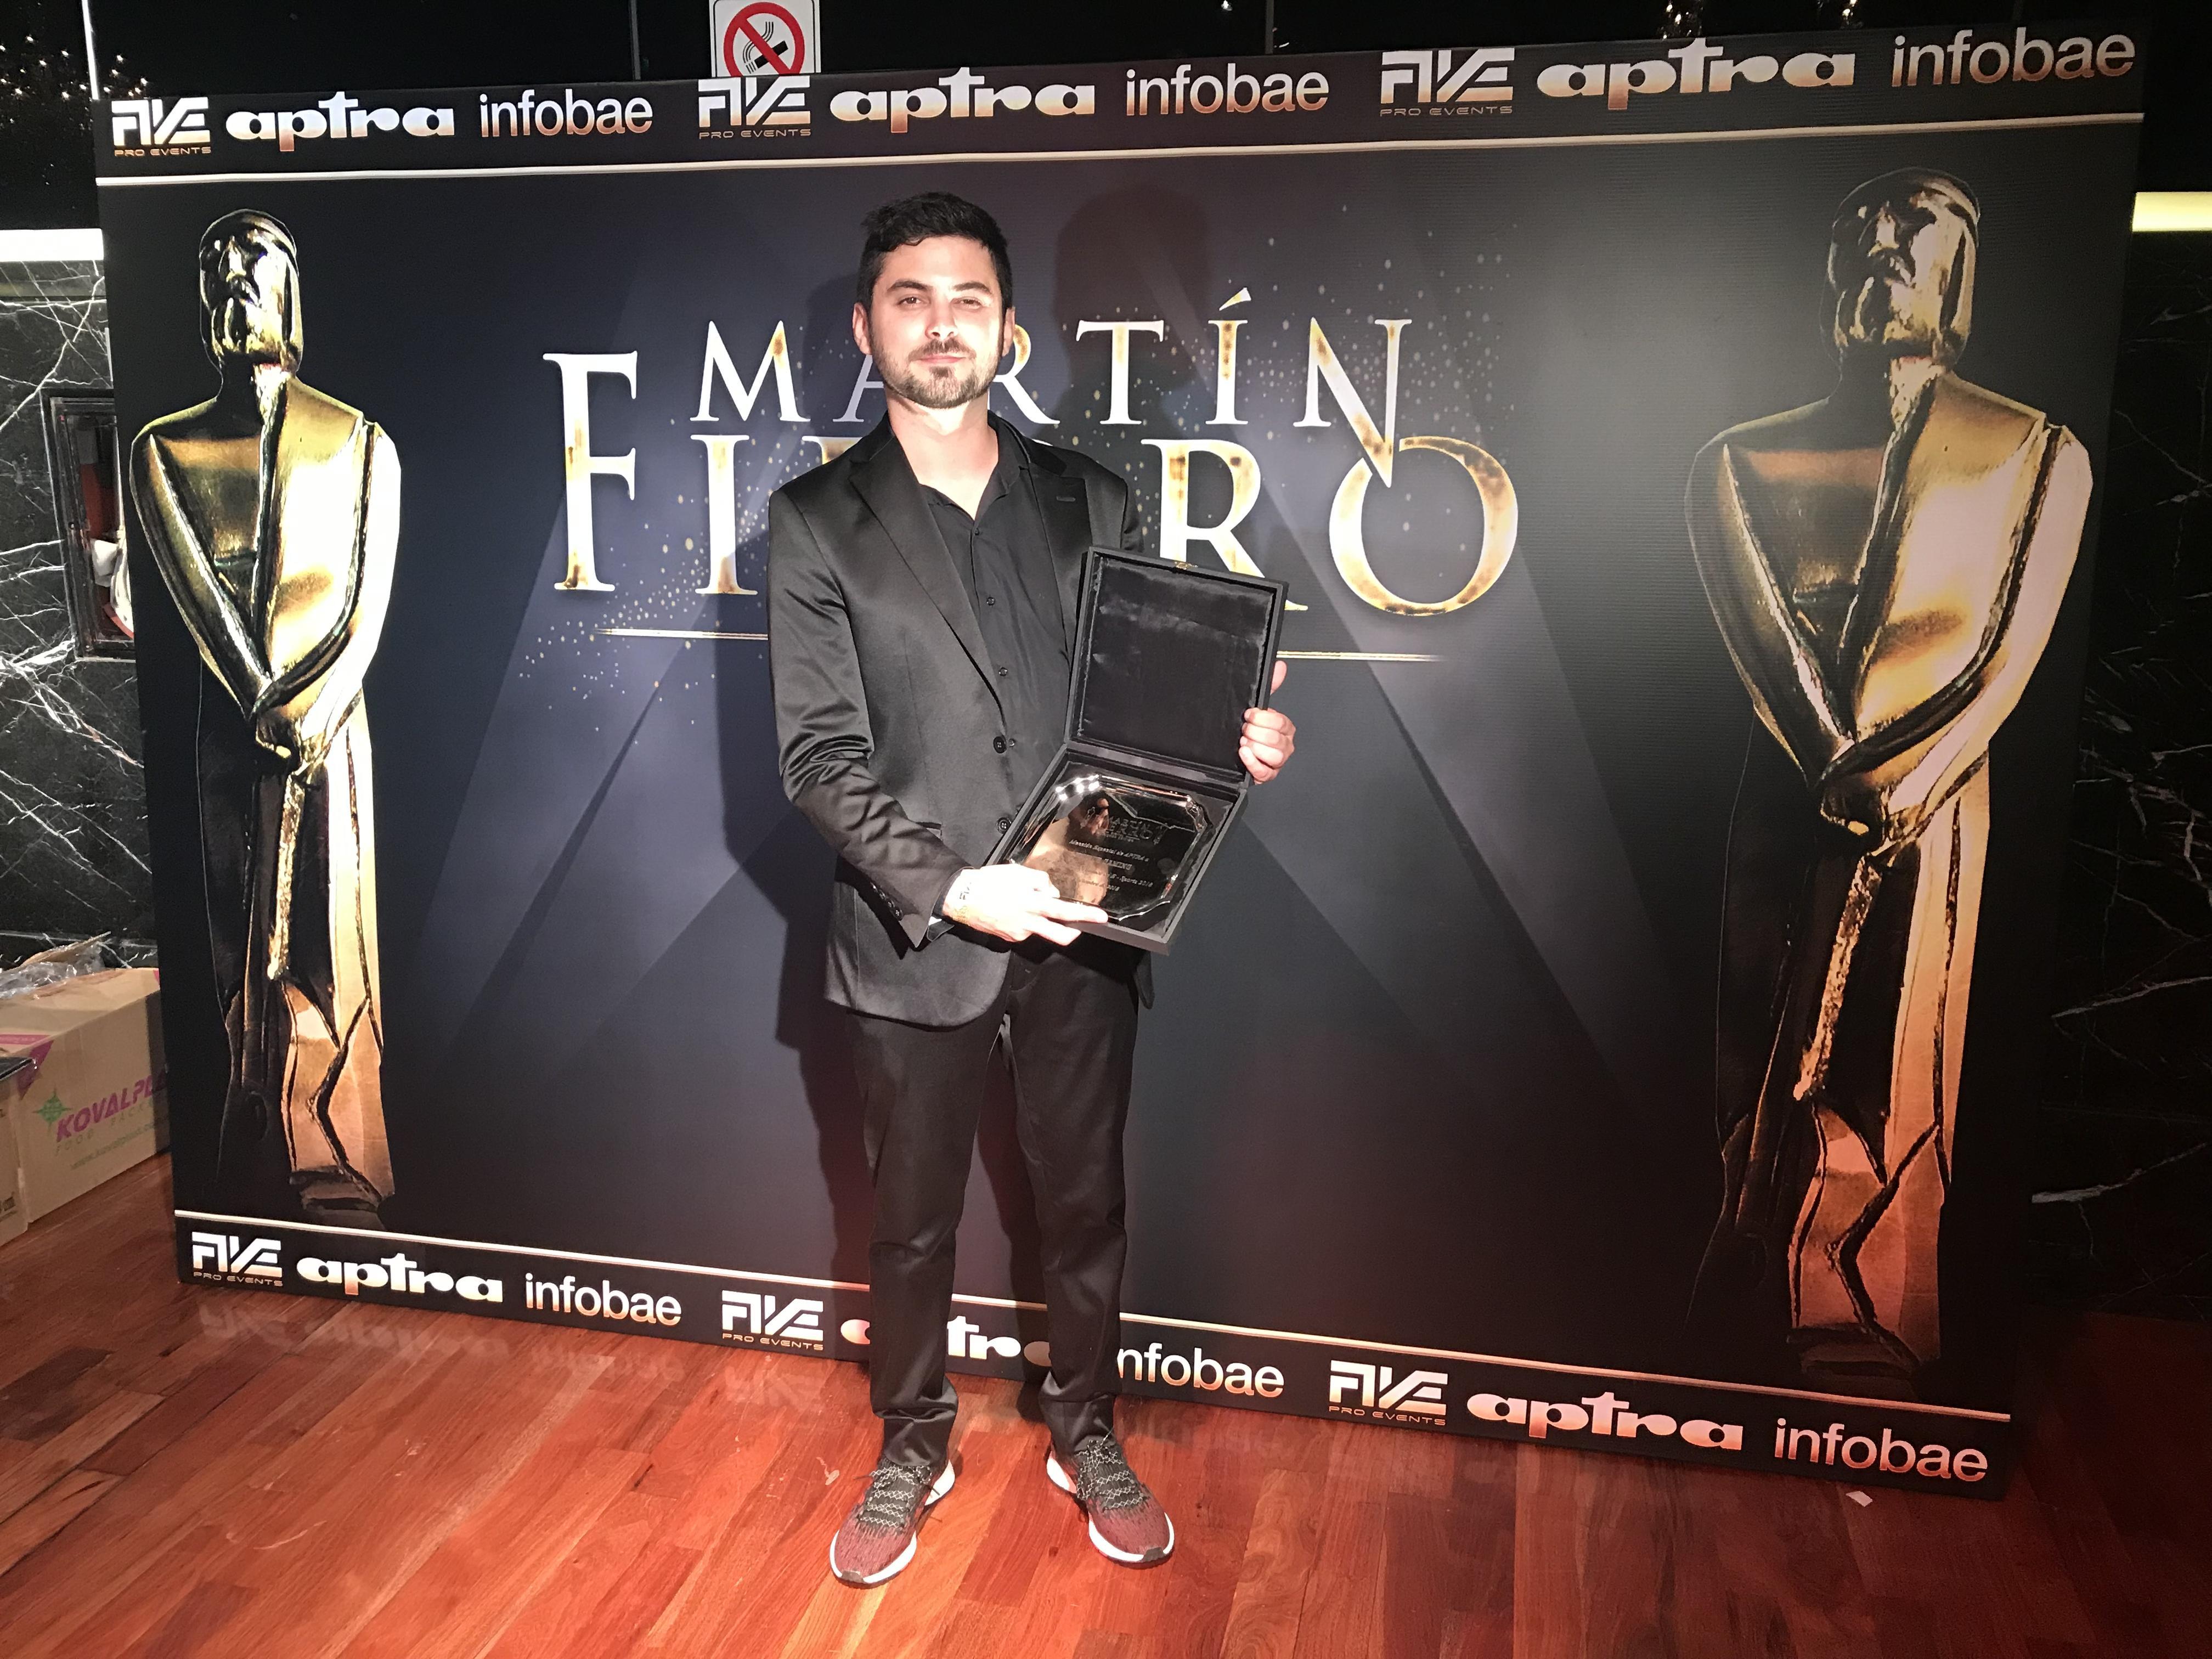 Isurus Gaming destacó como equipo de Esports en los premios Martín Fierro de Argentina